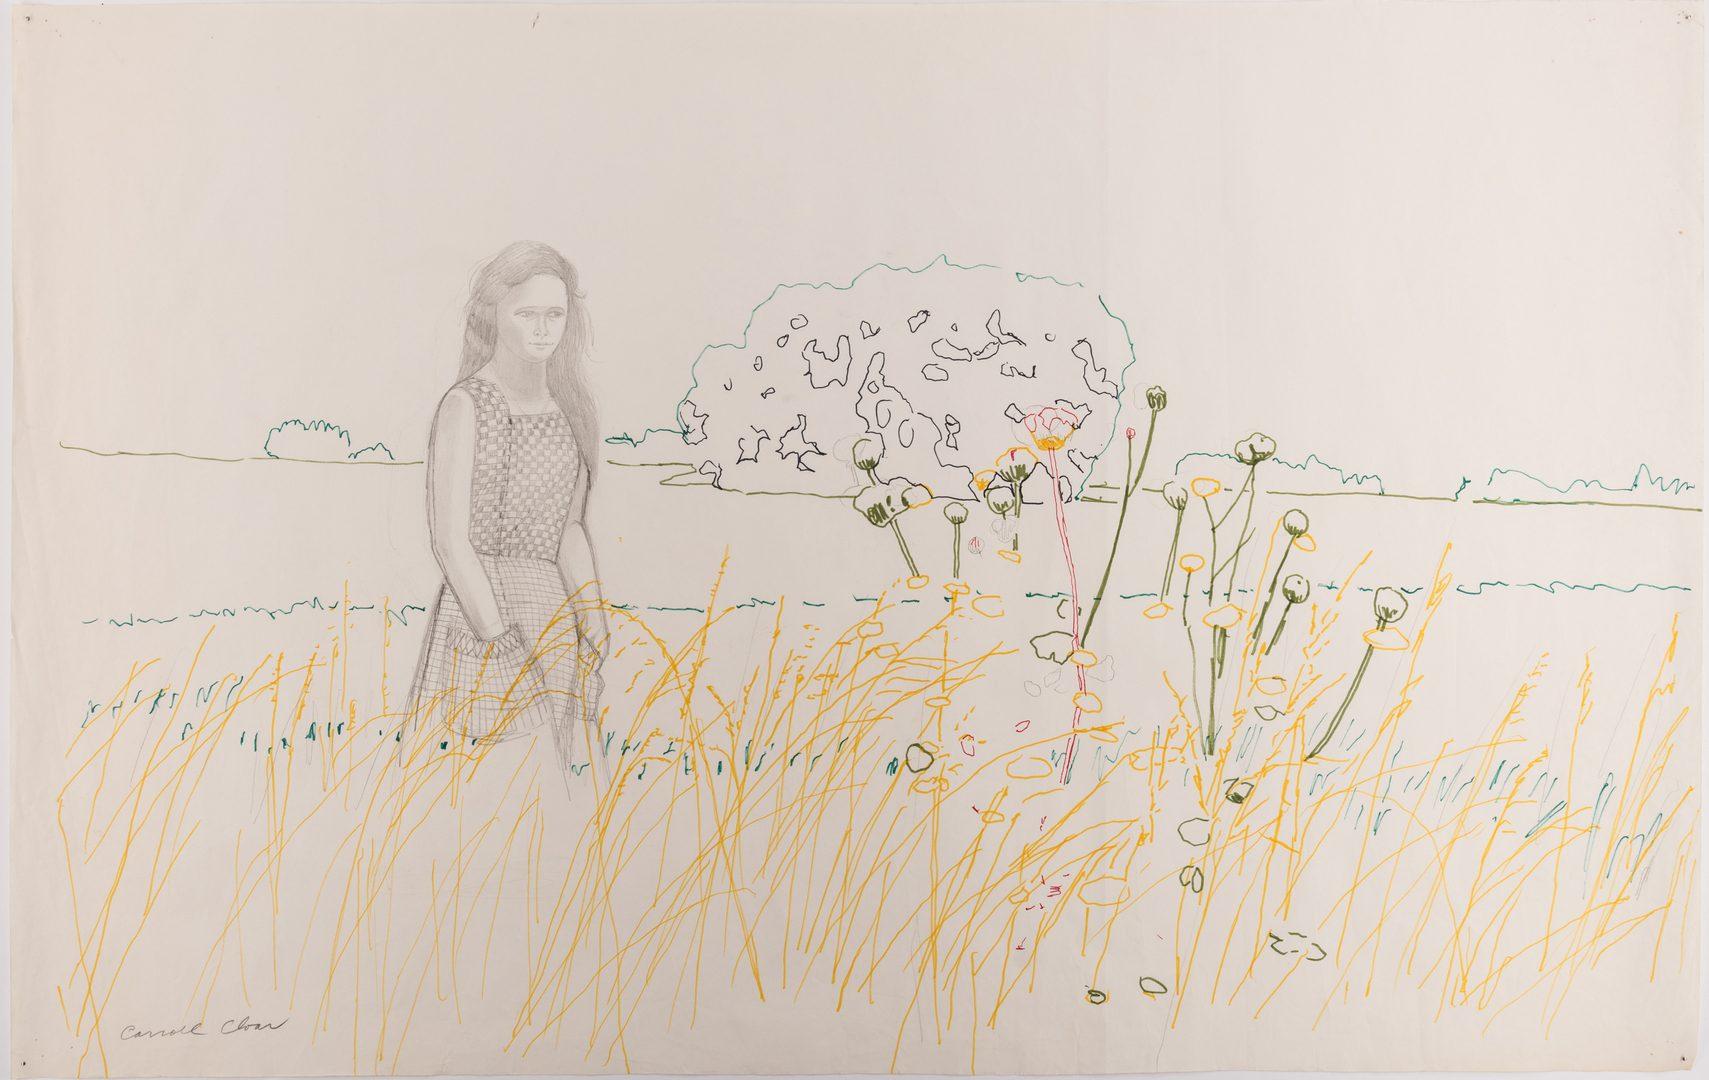 Lot 130: Carroll Cloar Drawing, Woman in Field